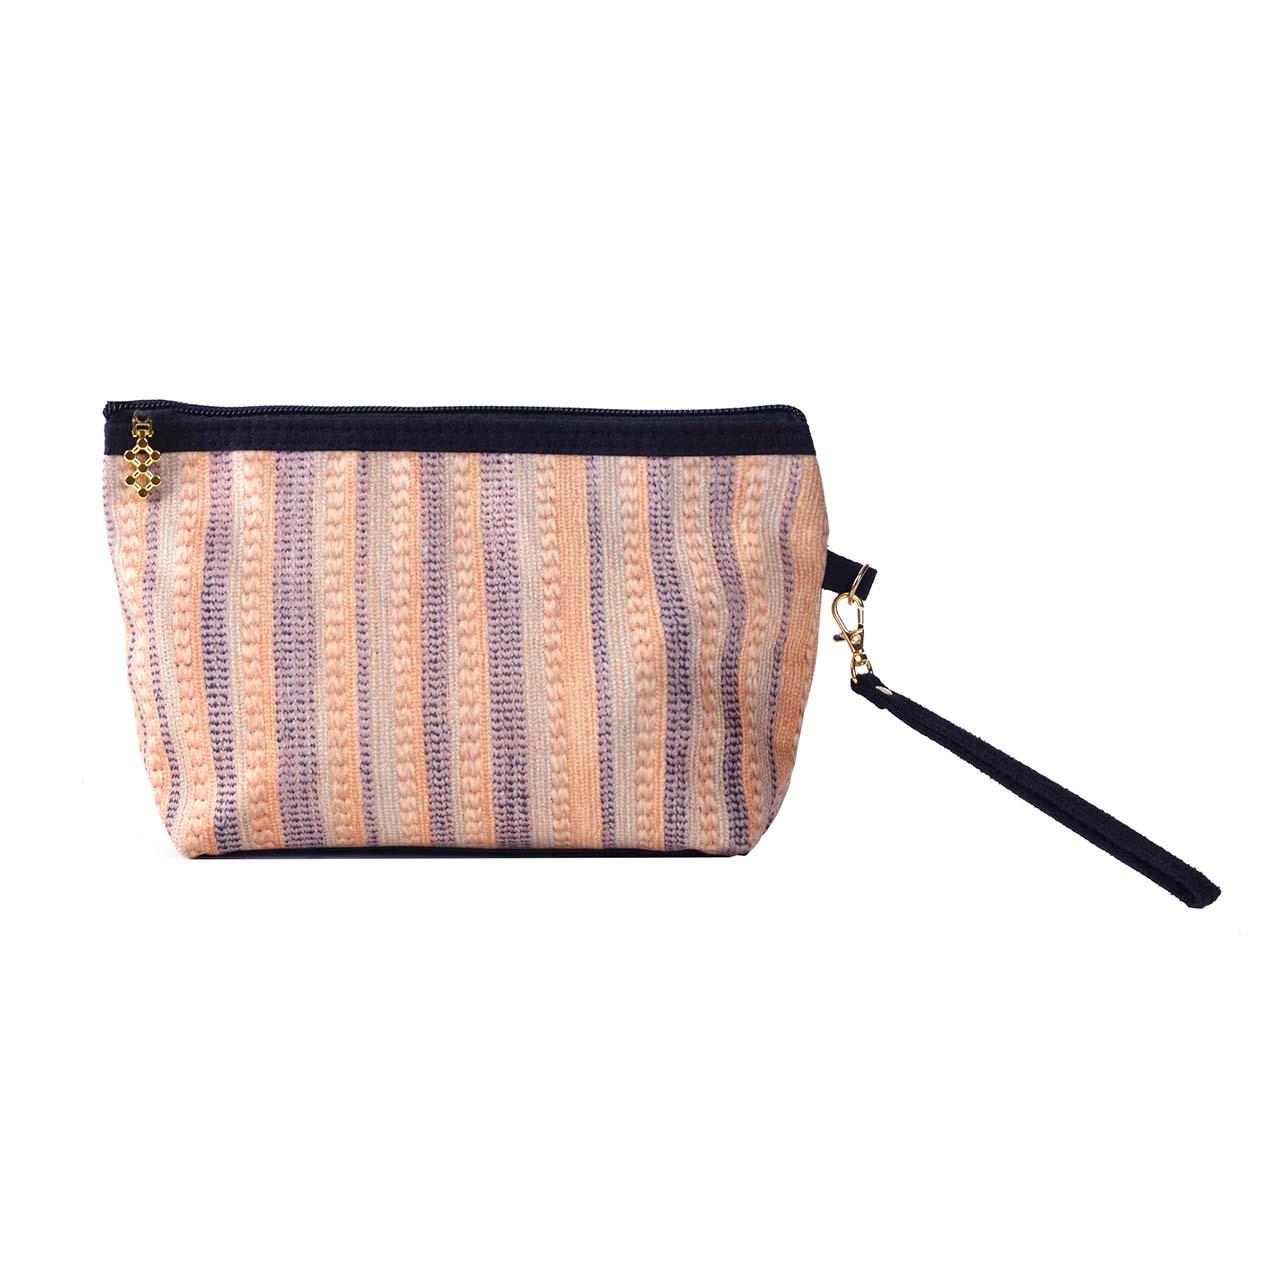 قیمت کیف لوازم آرایش شاین مدل 003